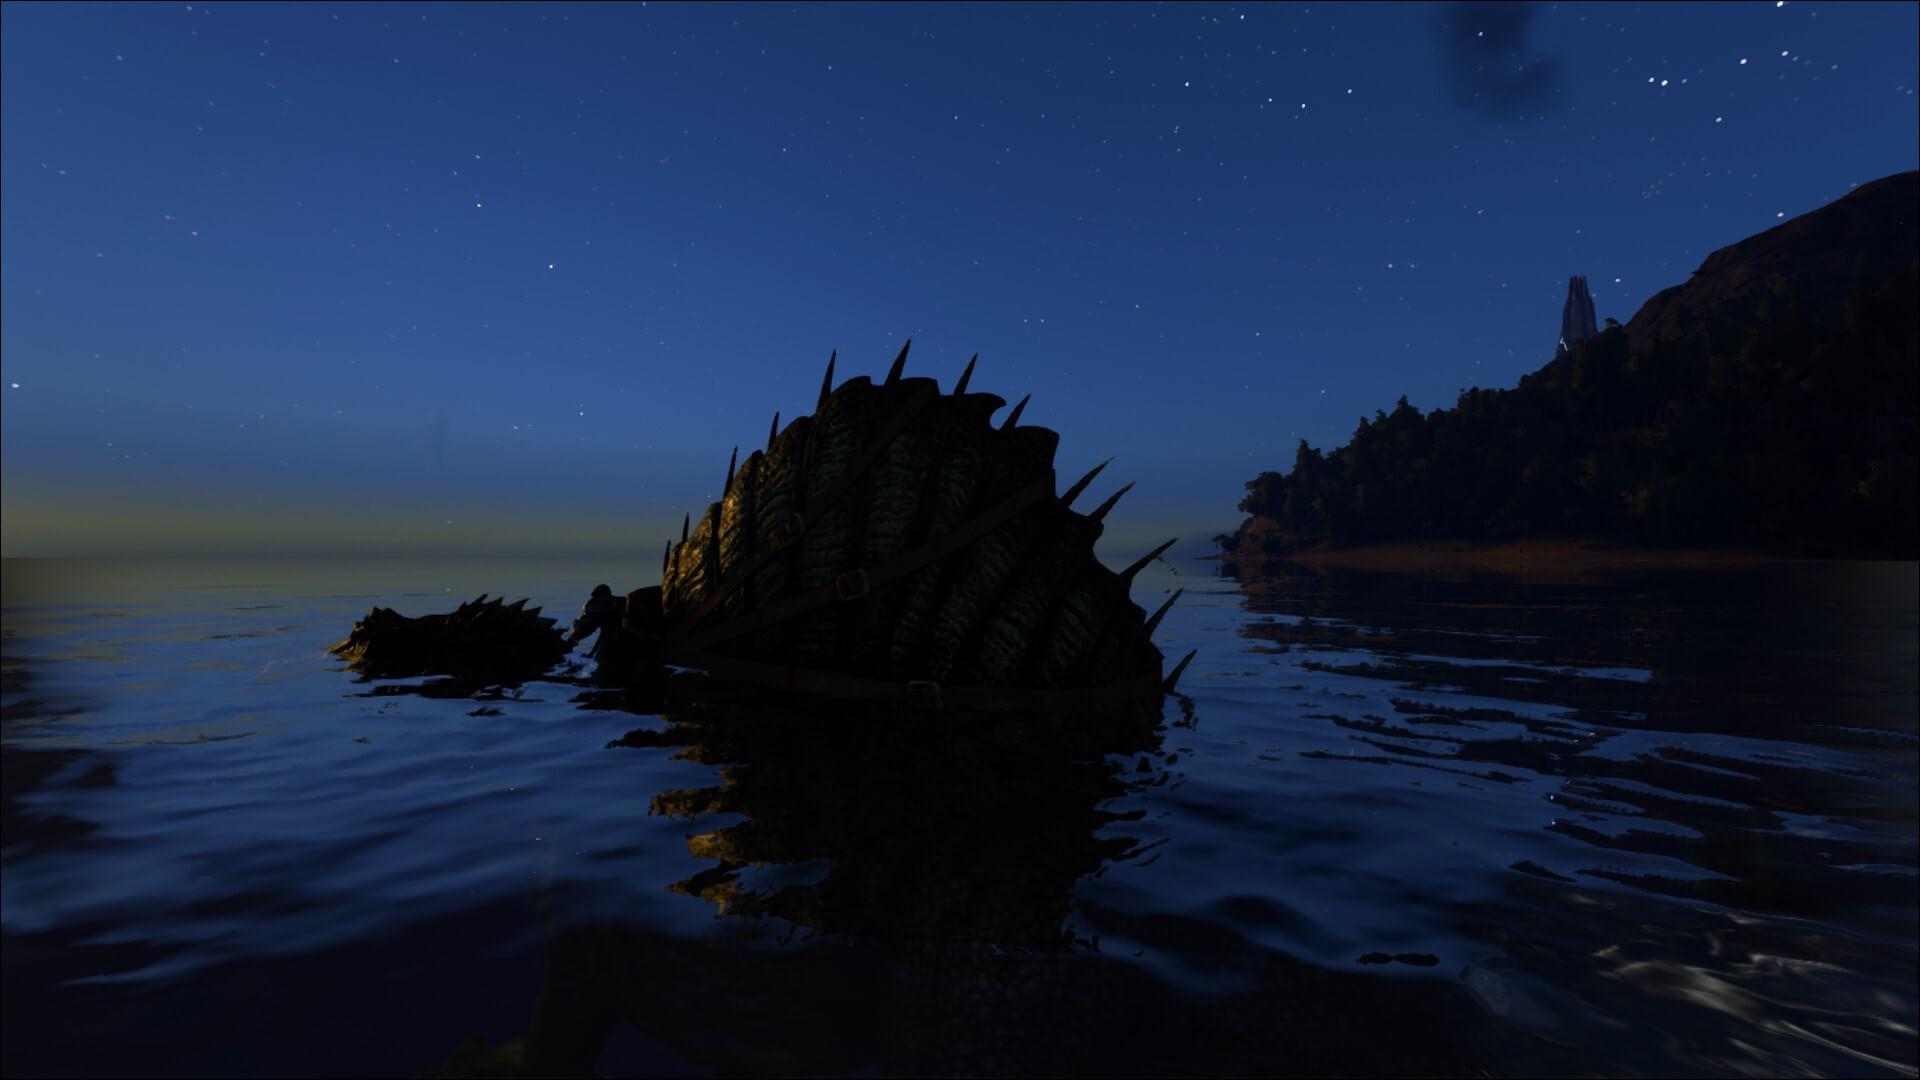 Спинозавр в водной среде